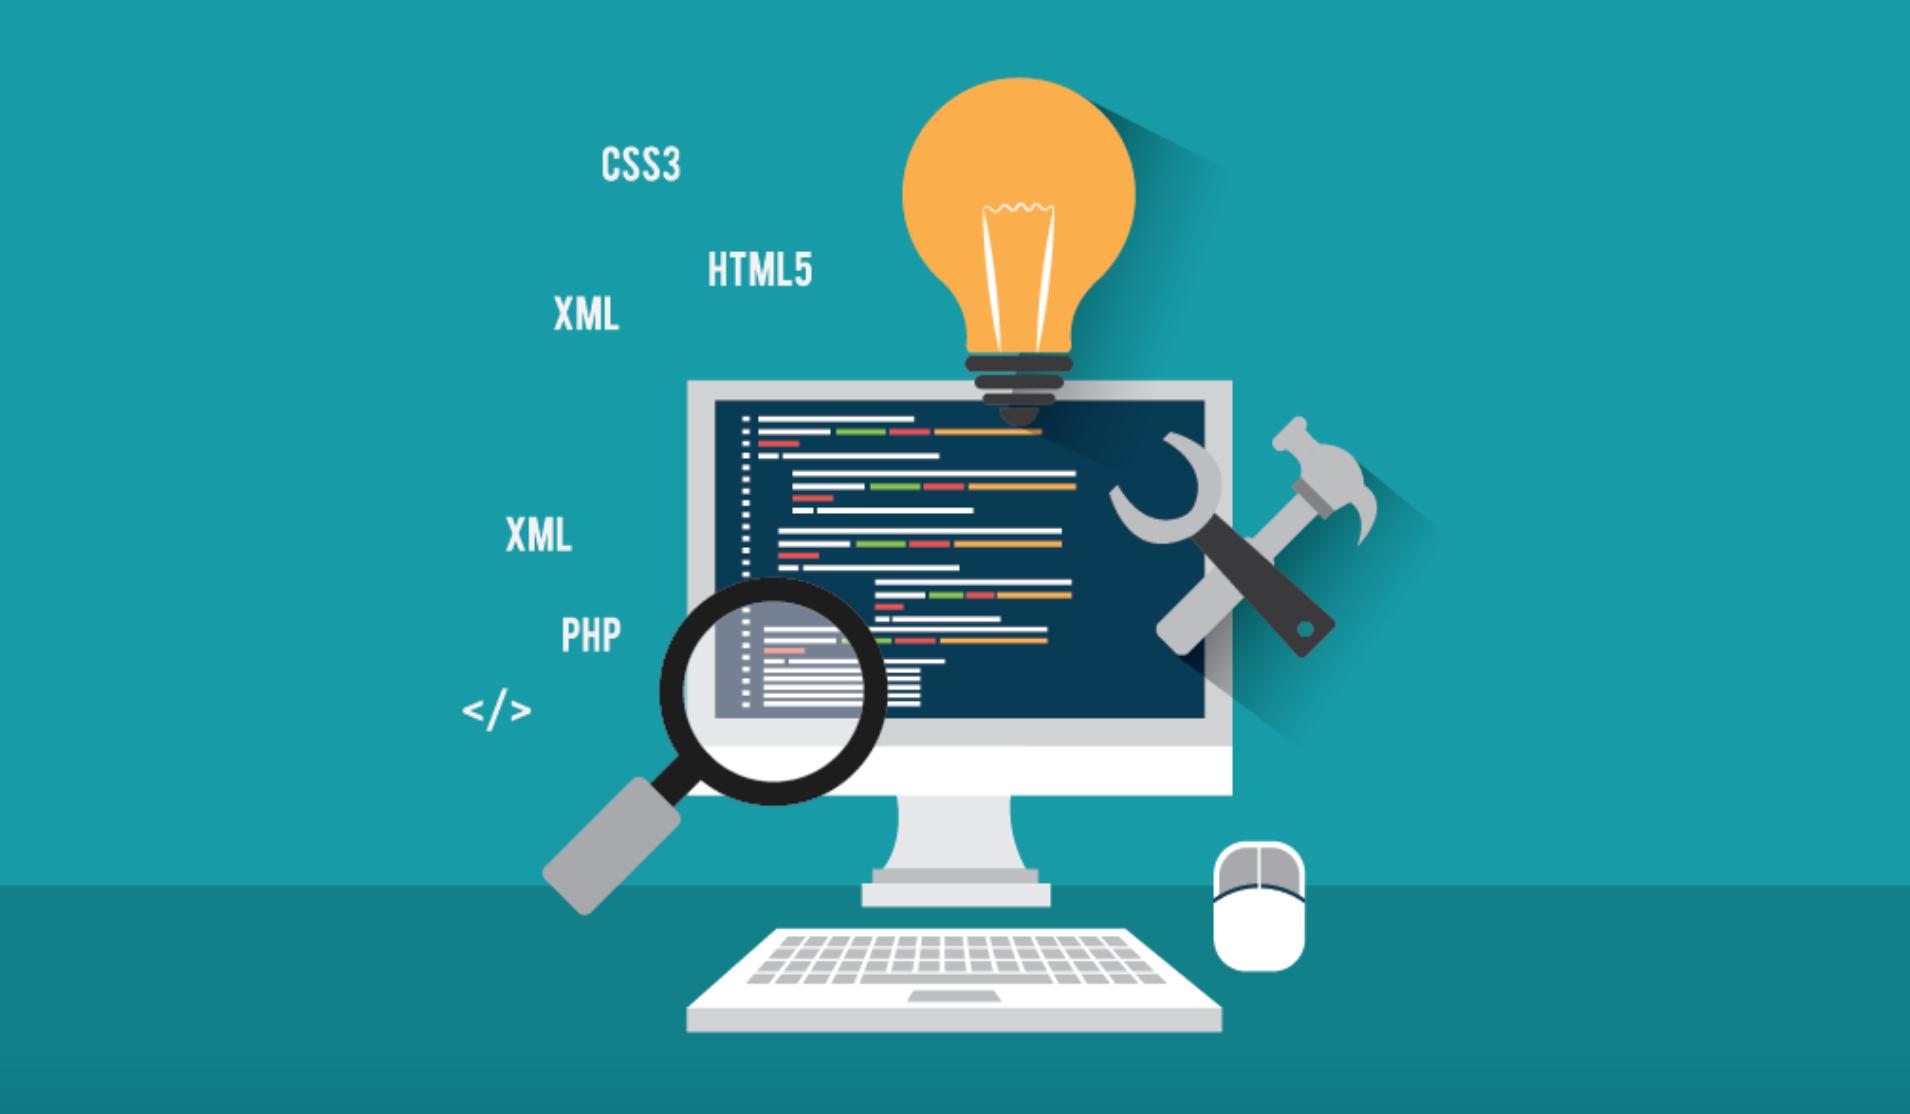 jdk安装教程系列-如何安装JDK15